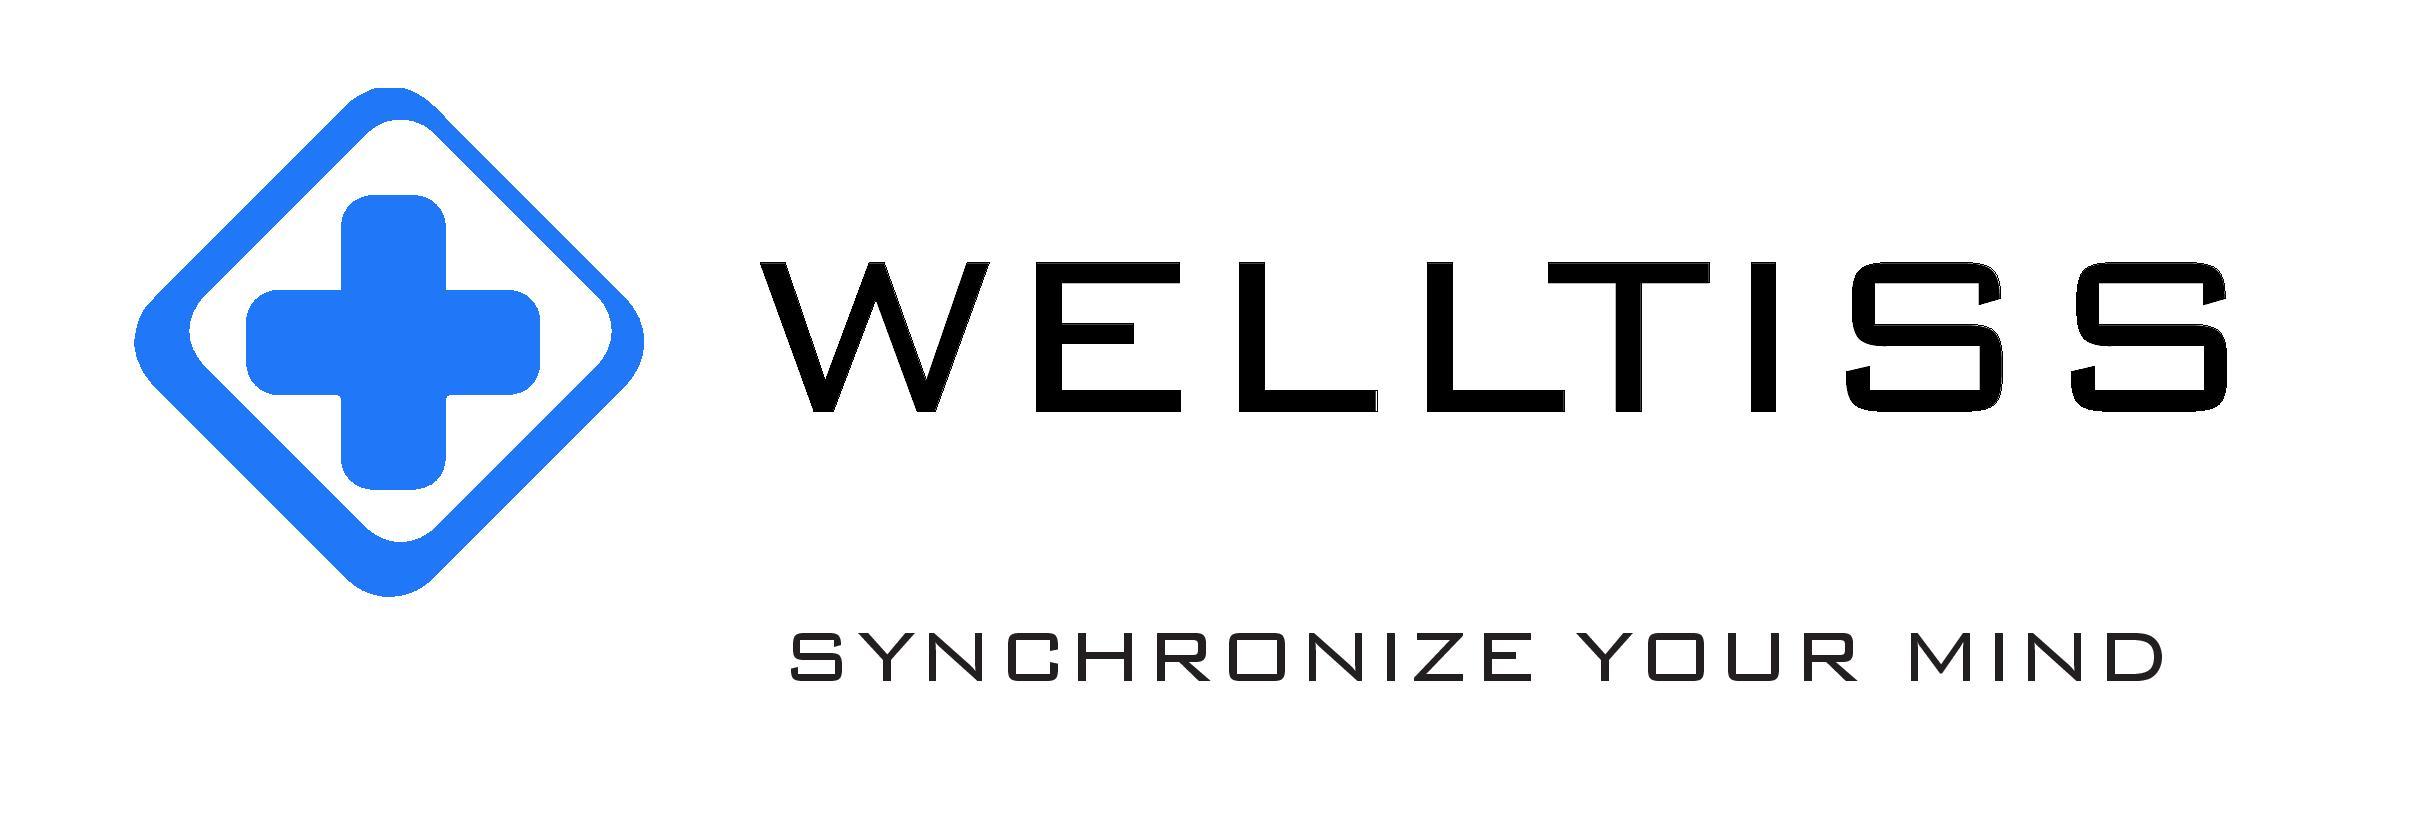 Welltiss Ltd.